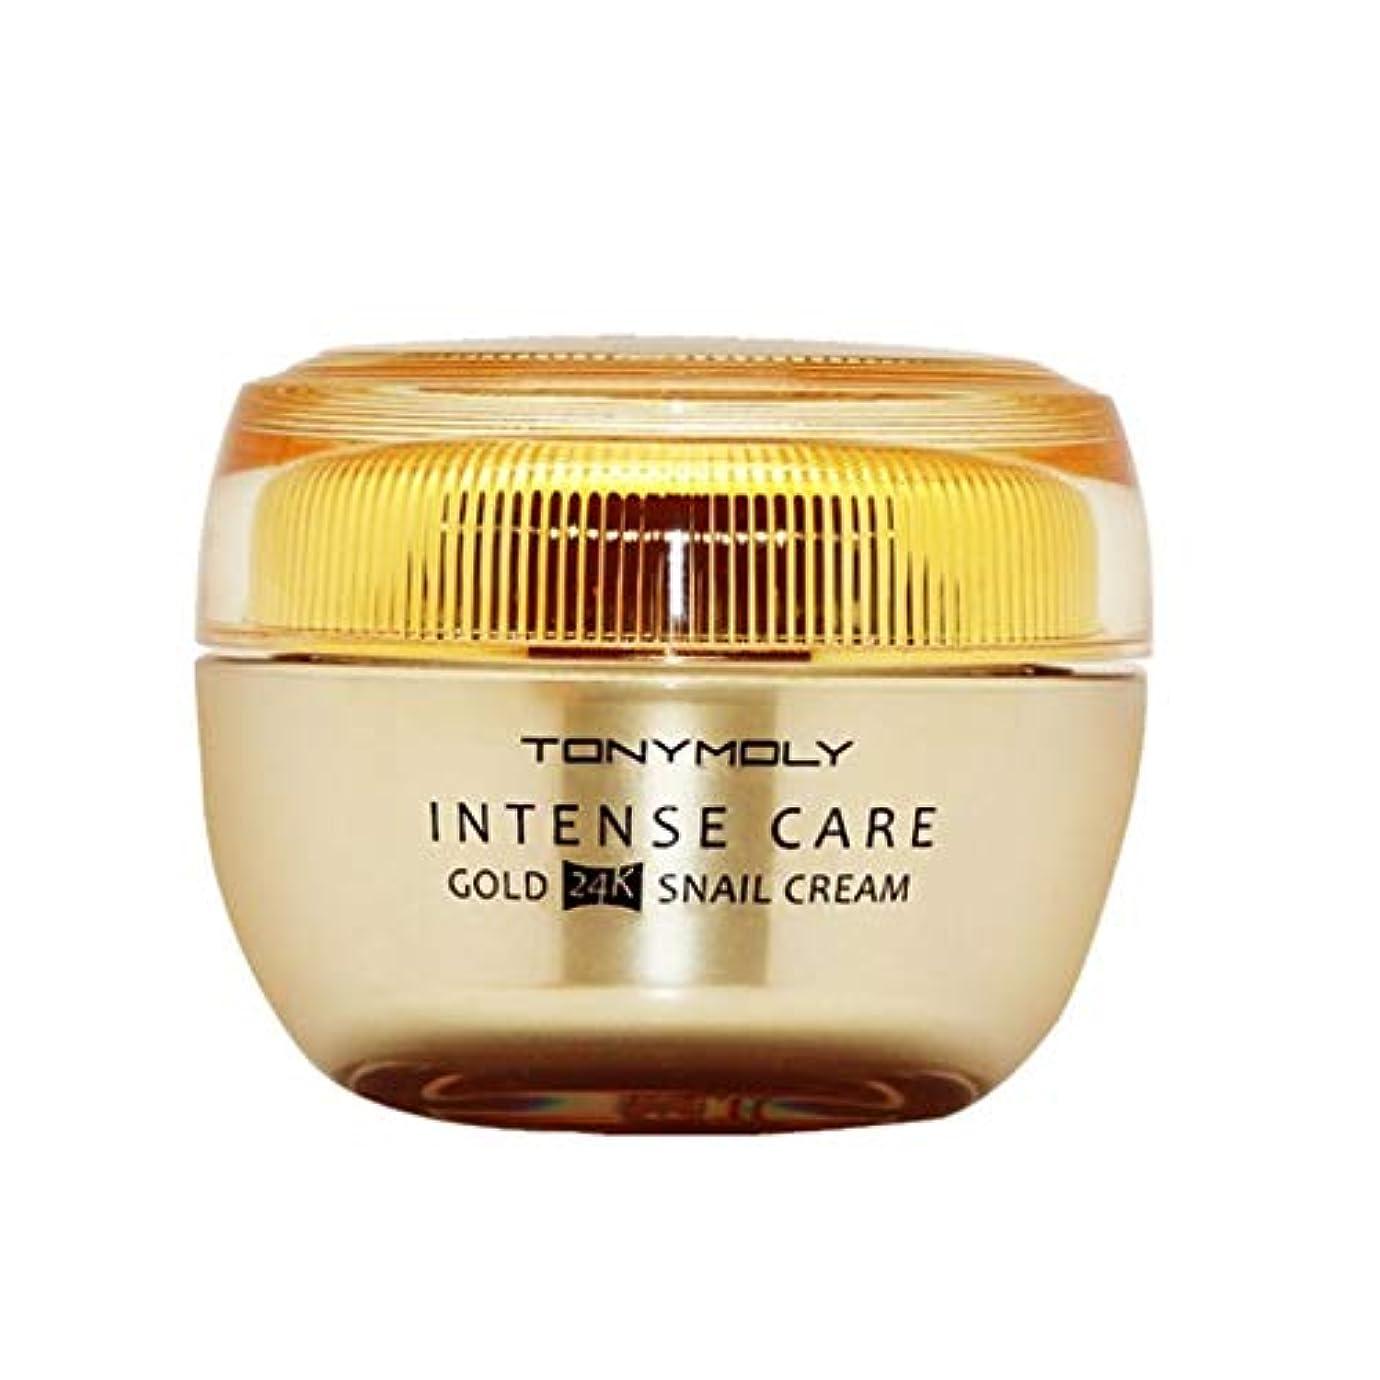 こどもの日デッドロック野生トニーモリーインテンスケアゴールド24Kスネールクリーム45ml x 2本セット美白、シワ改善クリーム、Tonymoly Intense Care Gold 24K Snail Cream 45ml x 2ea Set...